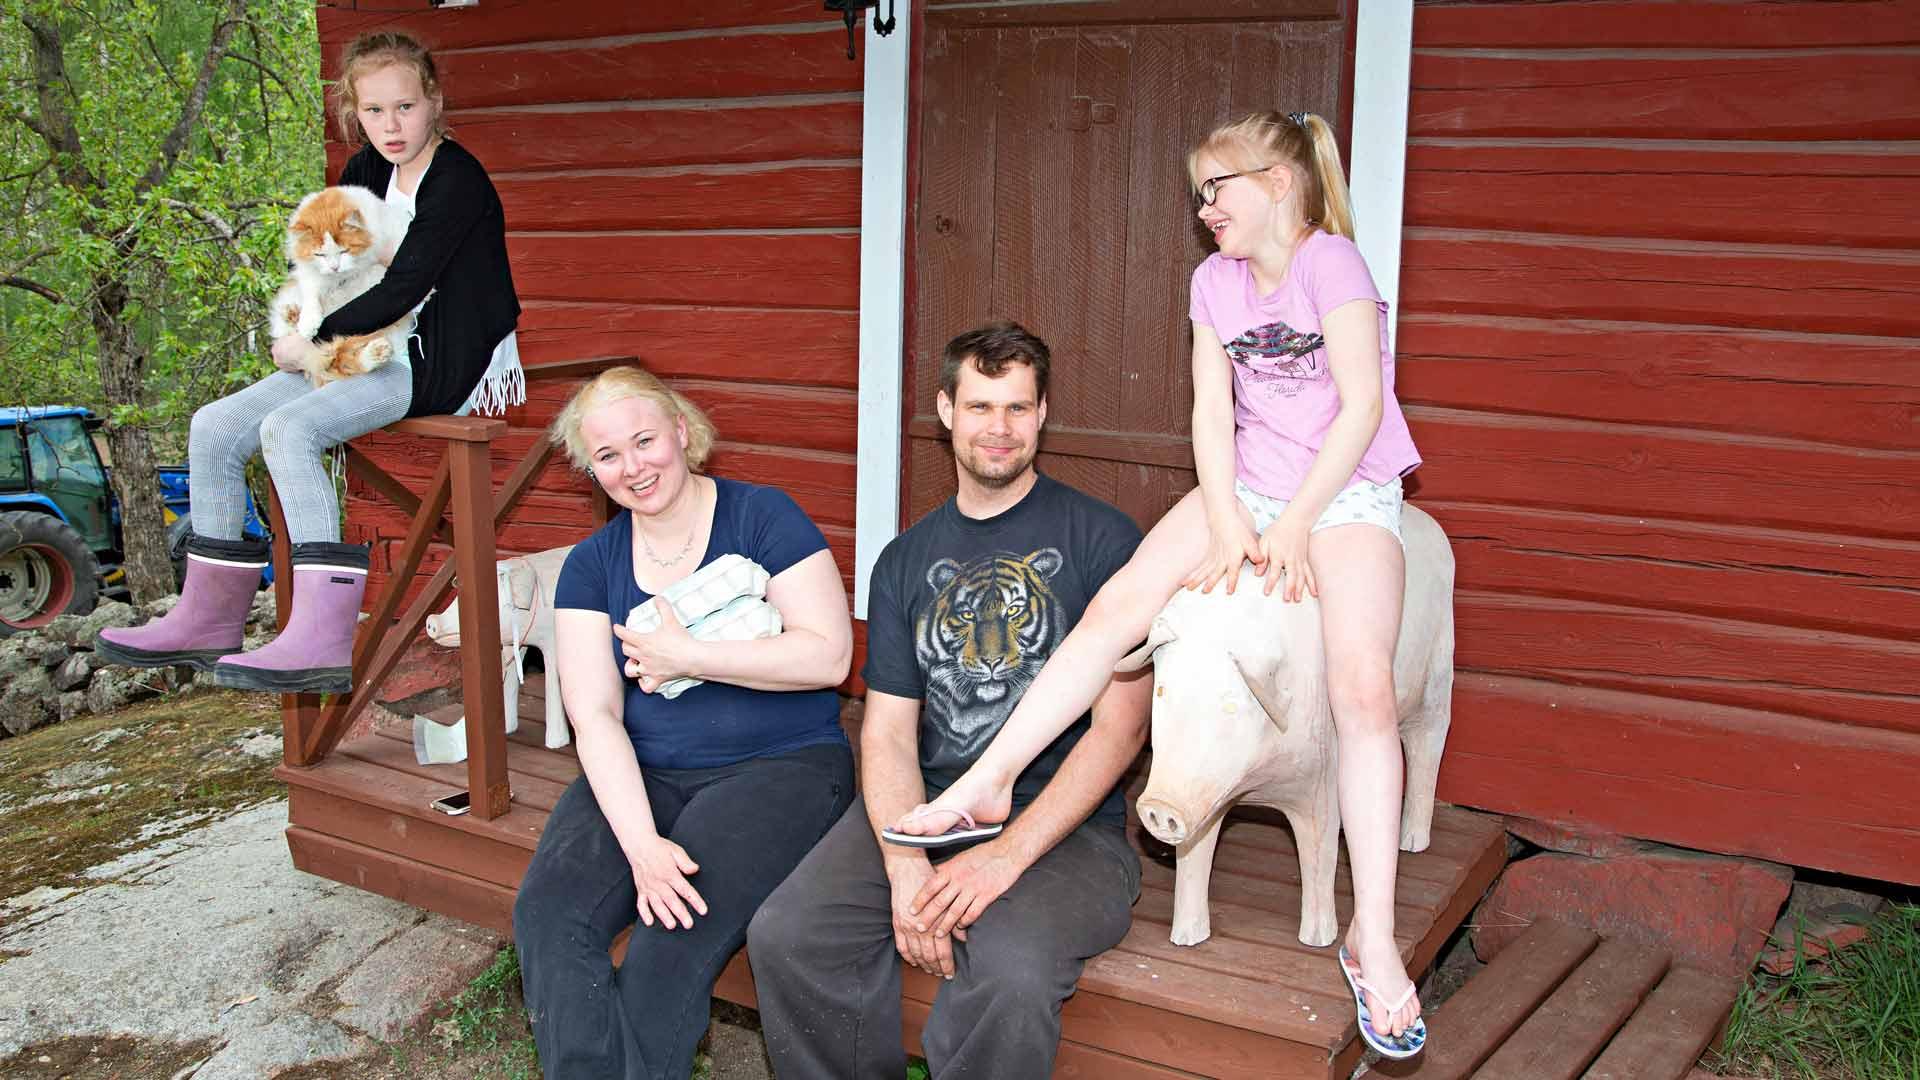 Haajasen perhe